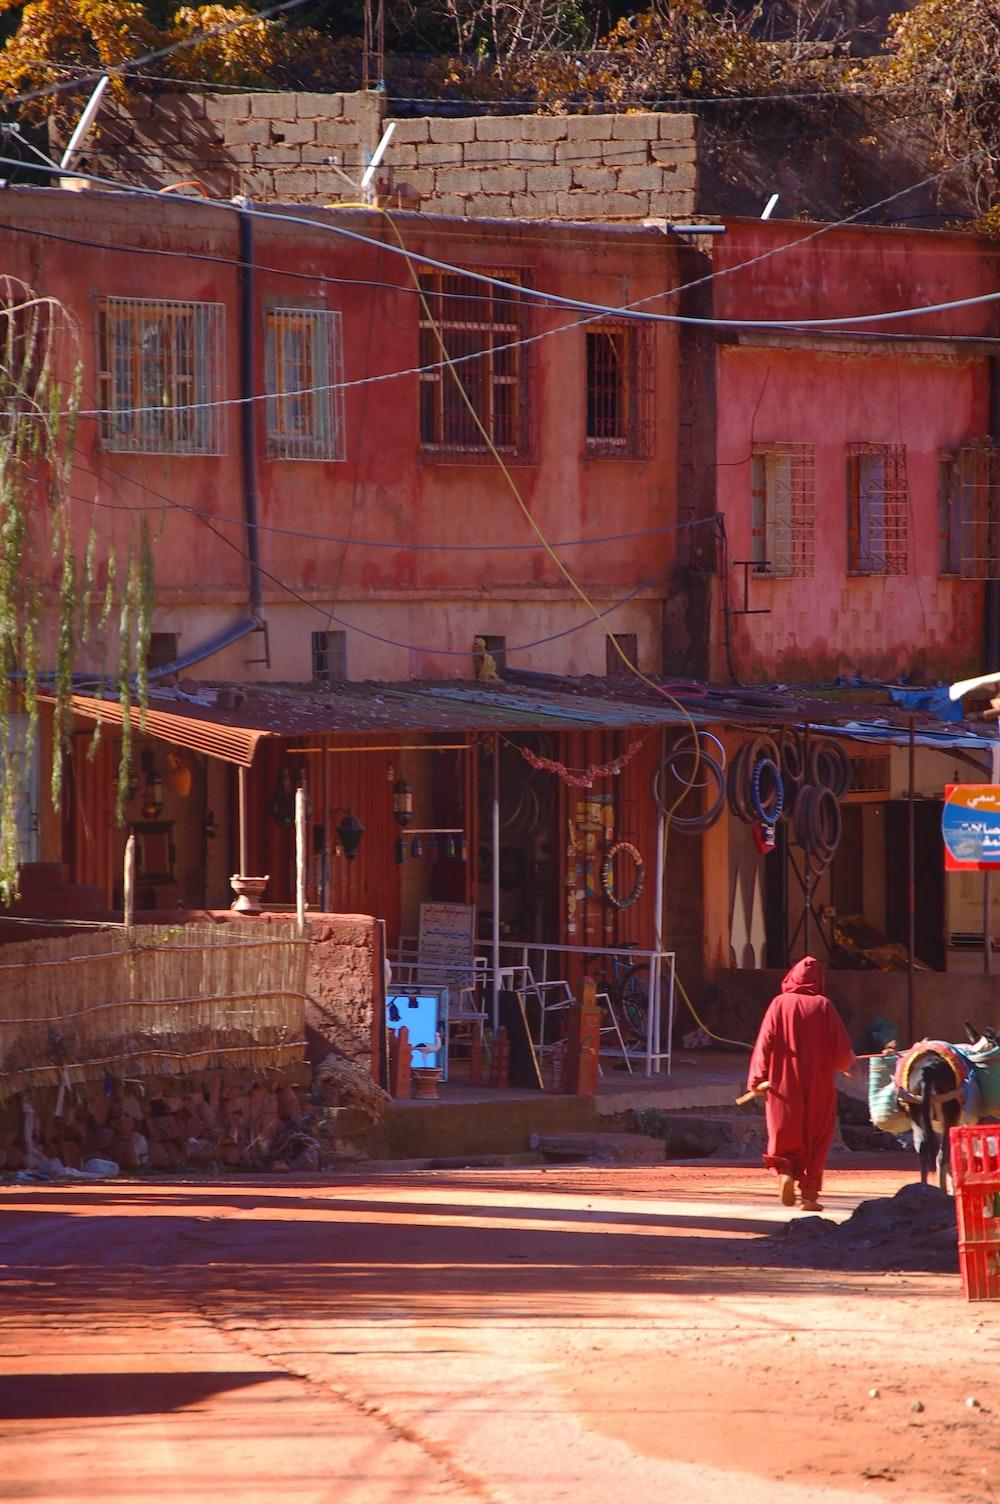 man in red jacket walking on sidewalk during daytime